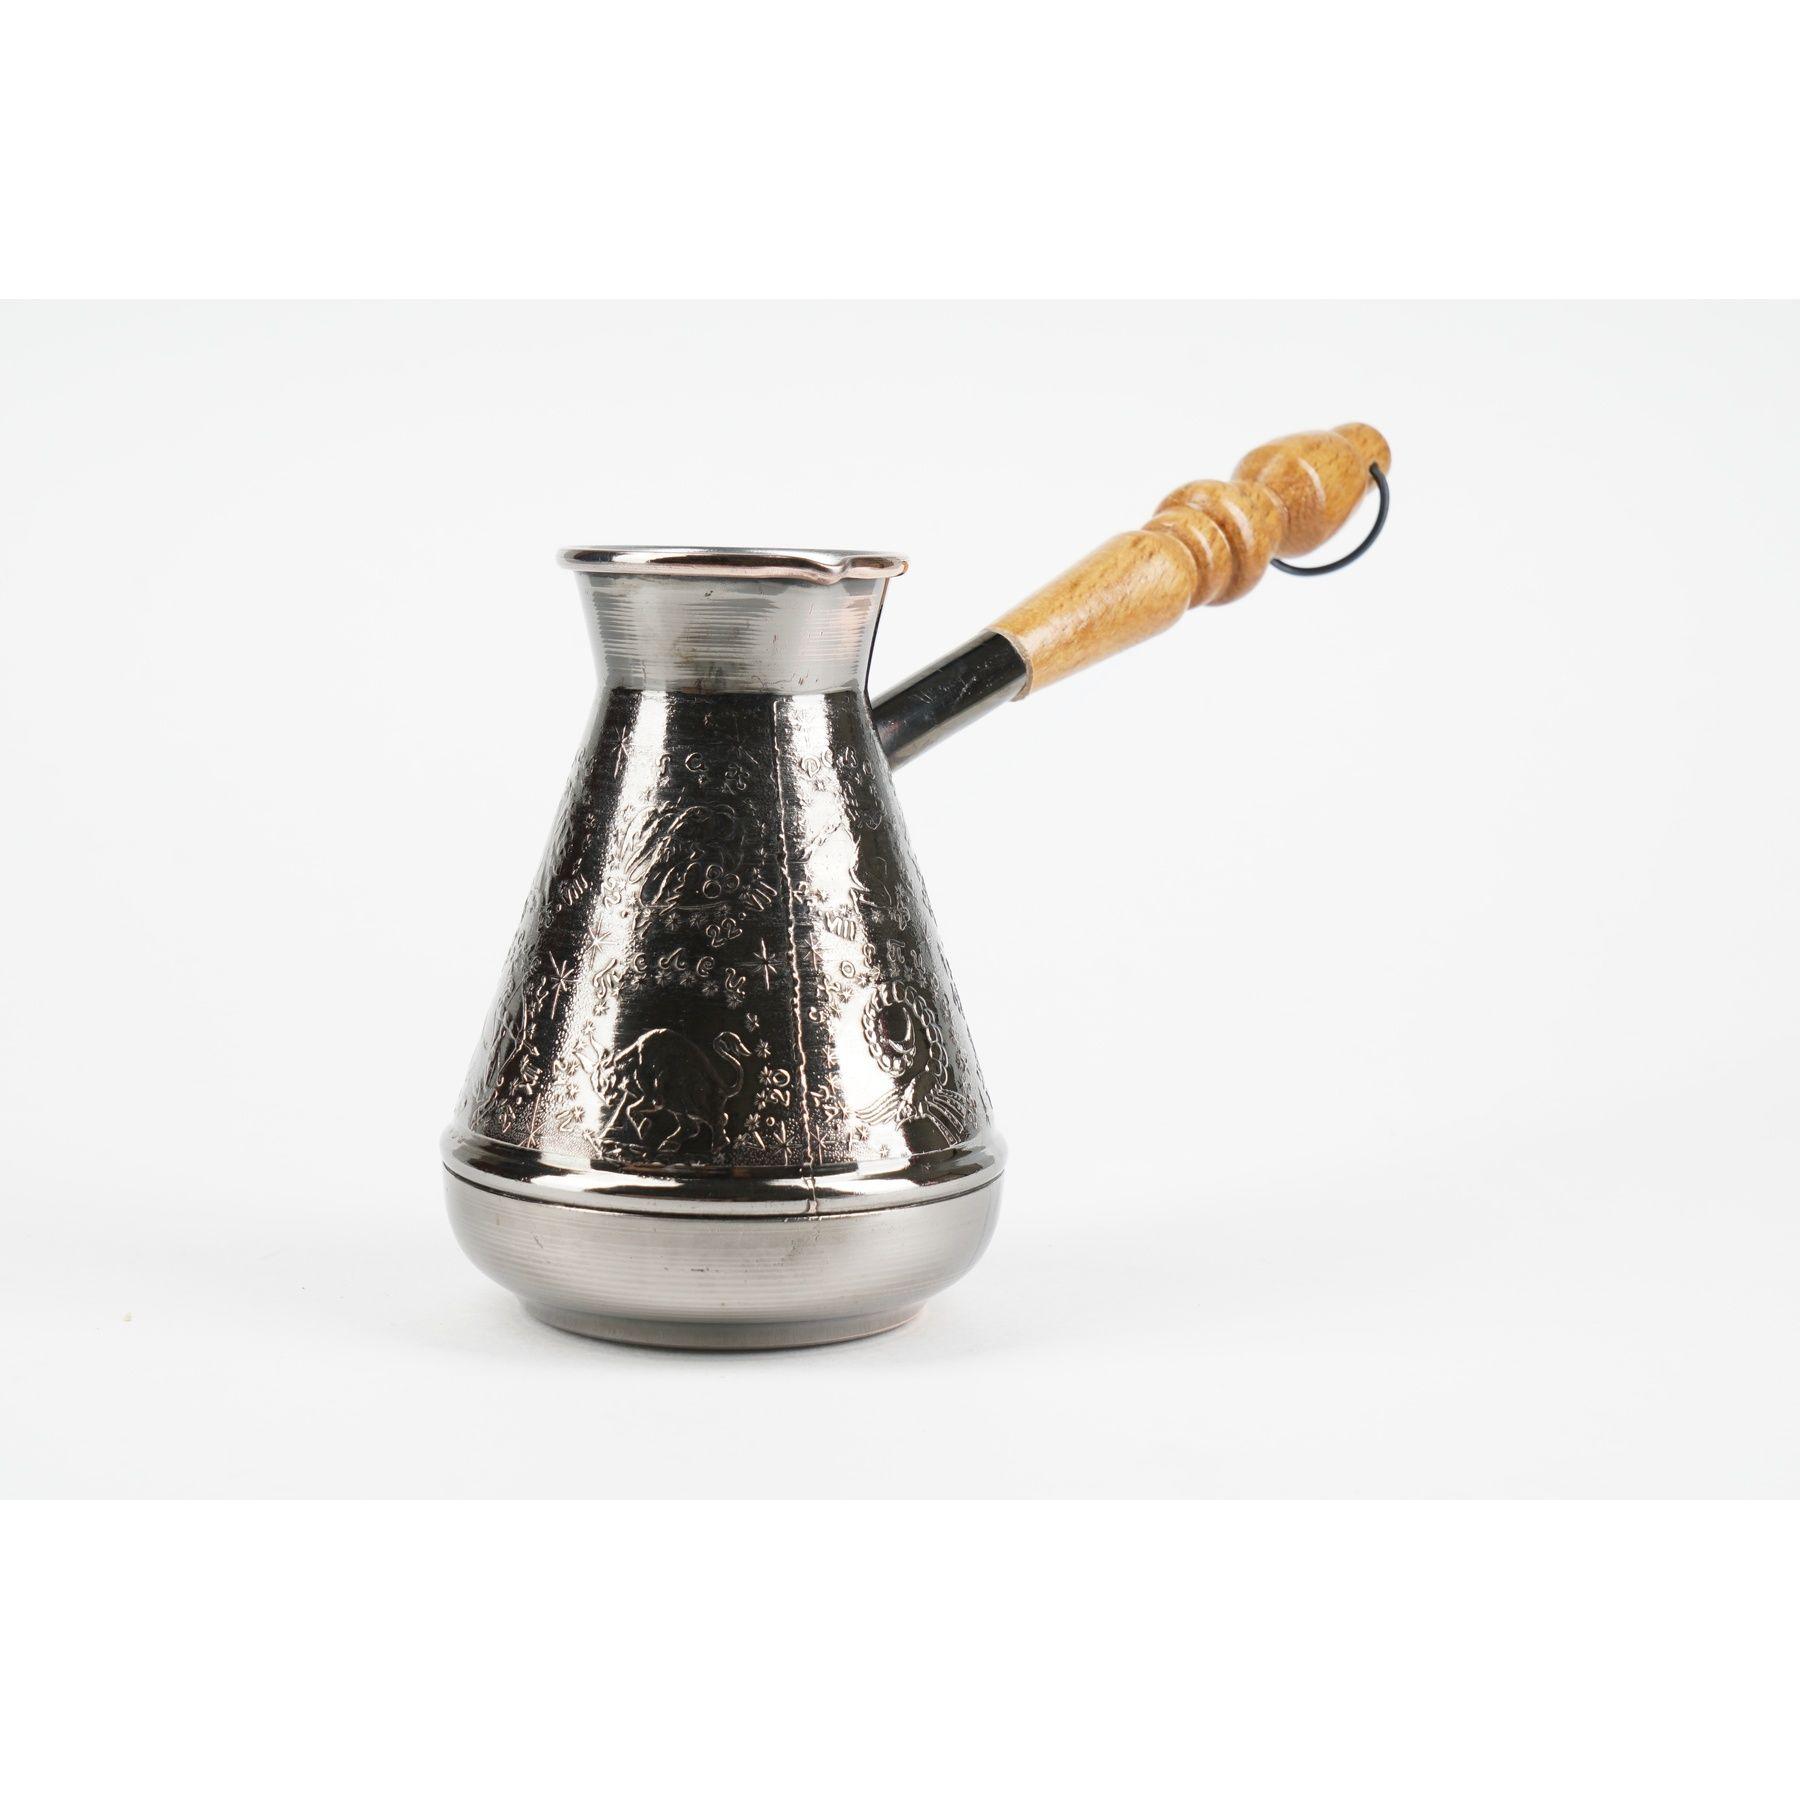 TURKA FÜR kaffee mit geschnitzten holzgriff zinn überzogen. 700 ml.